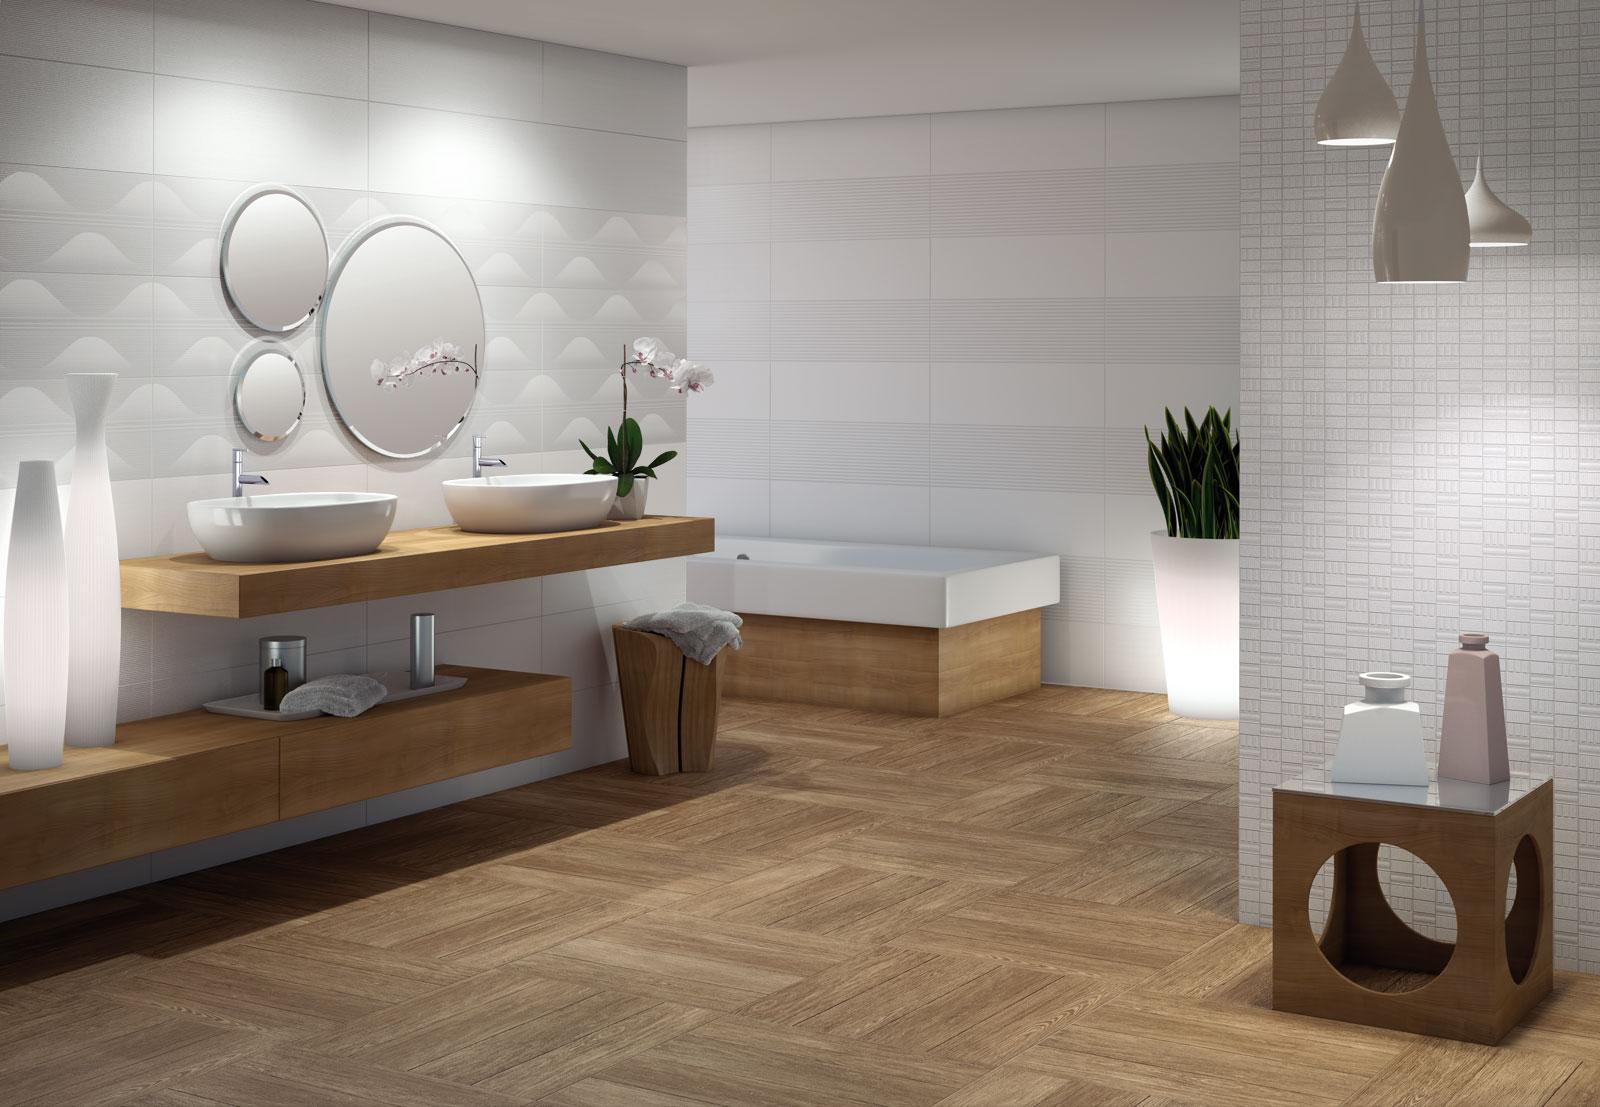 Verano gres porcel nico revestimiento ba os spa marazzi - Suelos para banos modernos ...